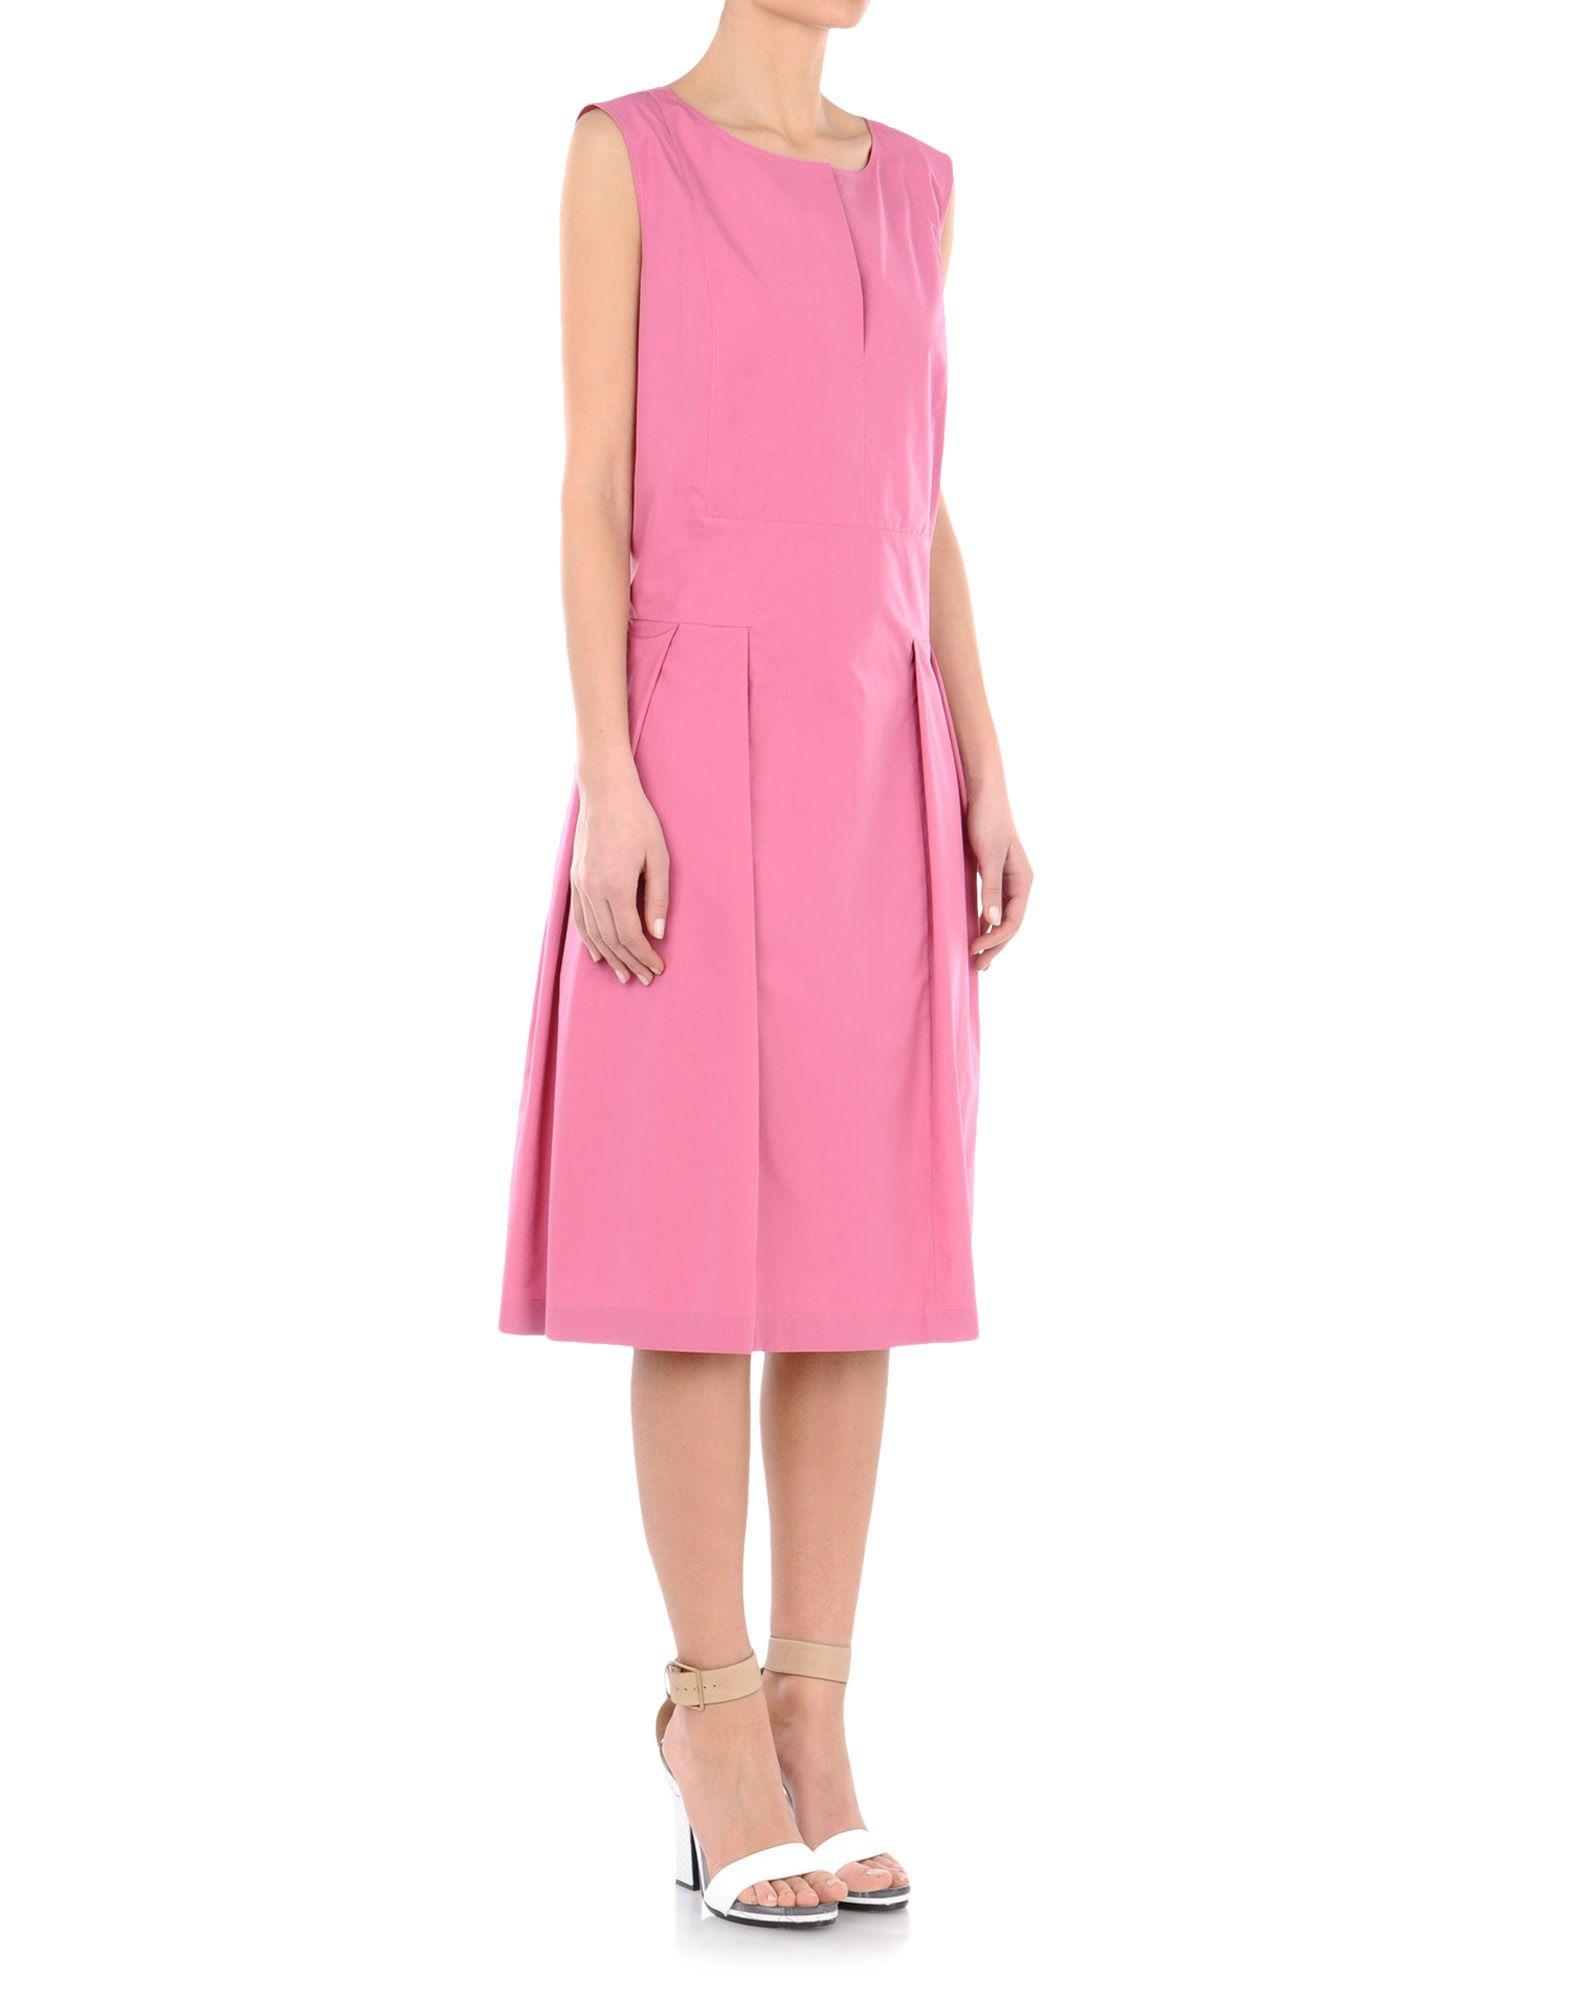 Wadenlanges Kleid - JIL SANDER Online Store